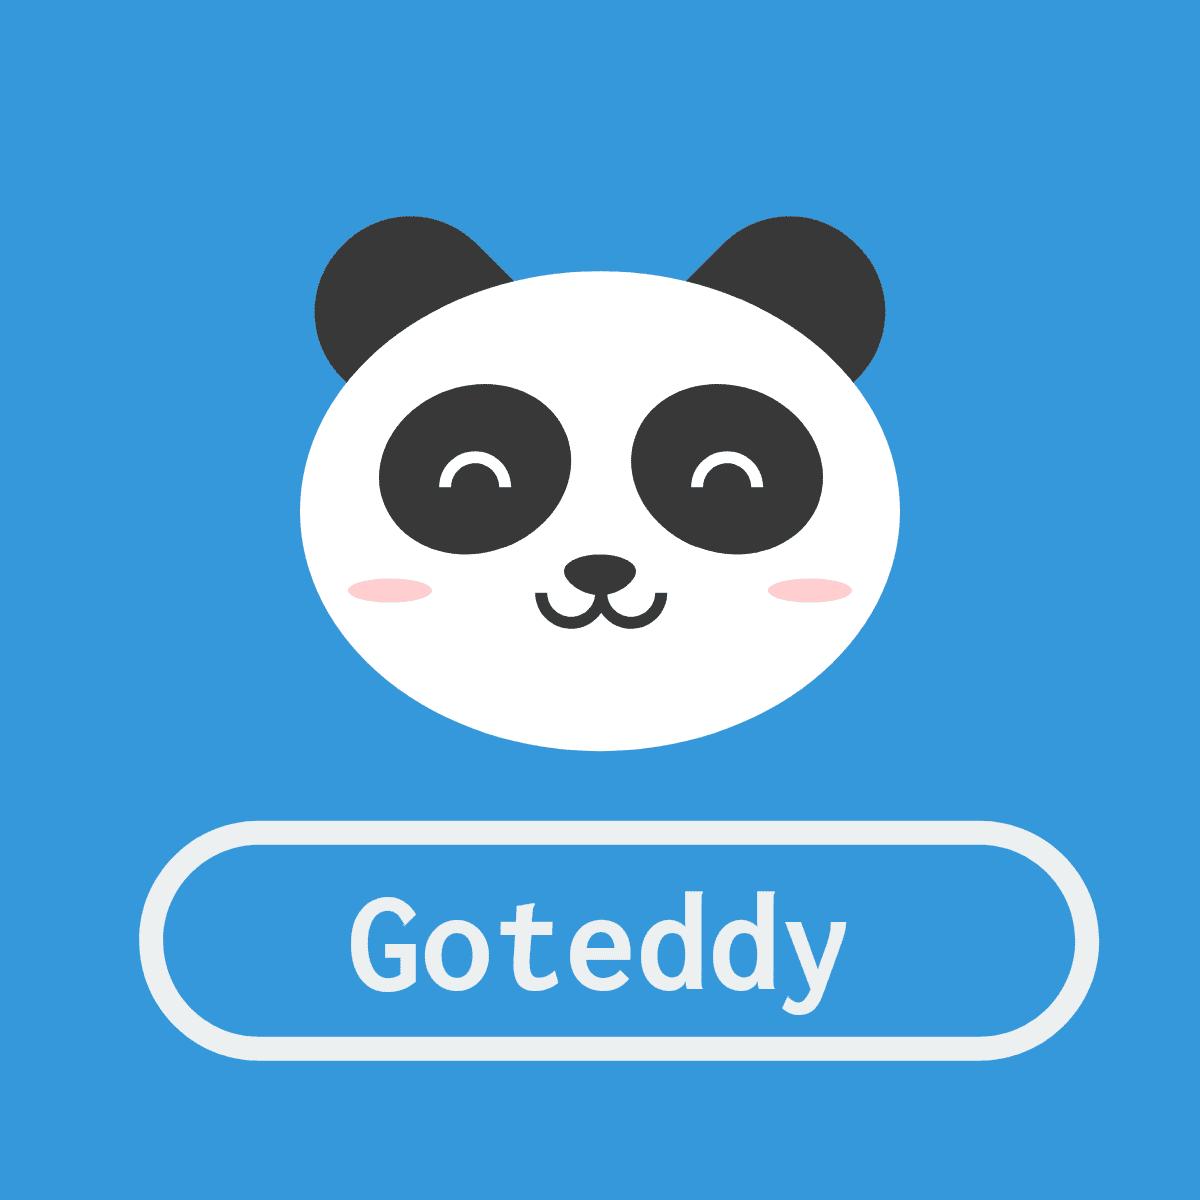 Goteddy